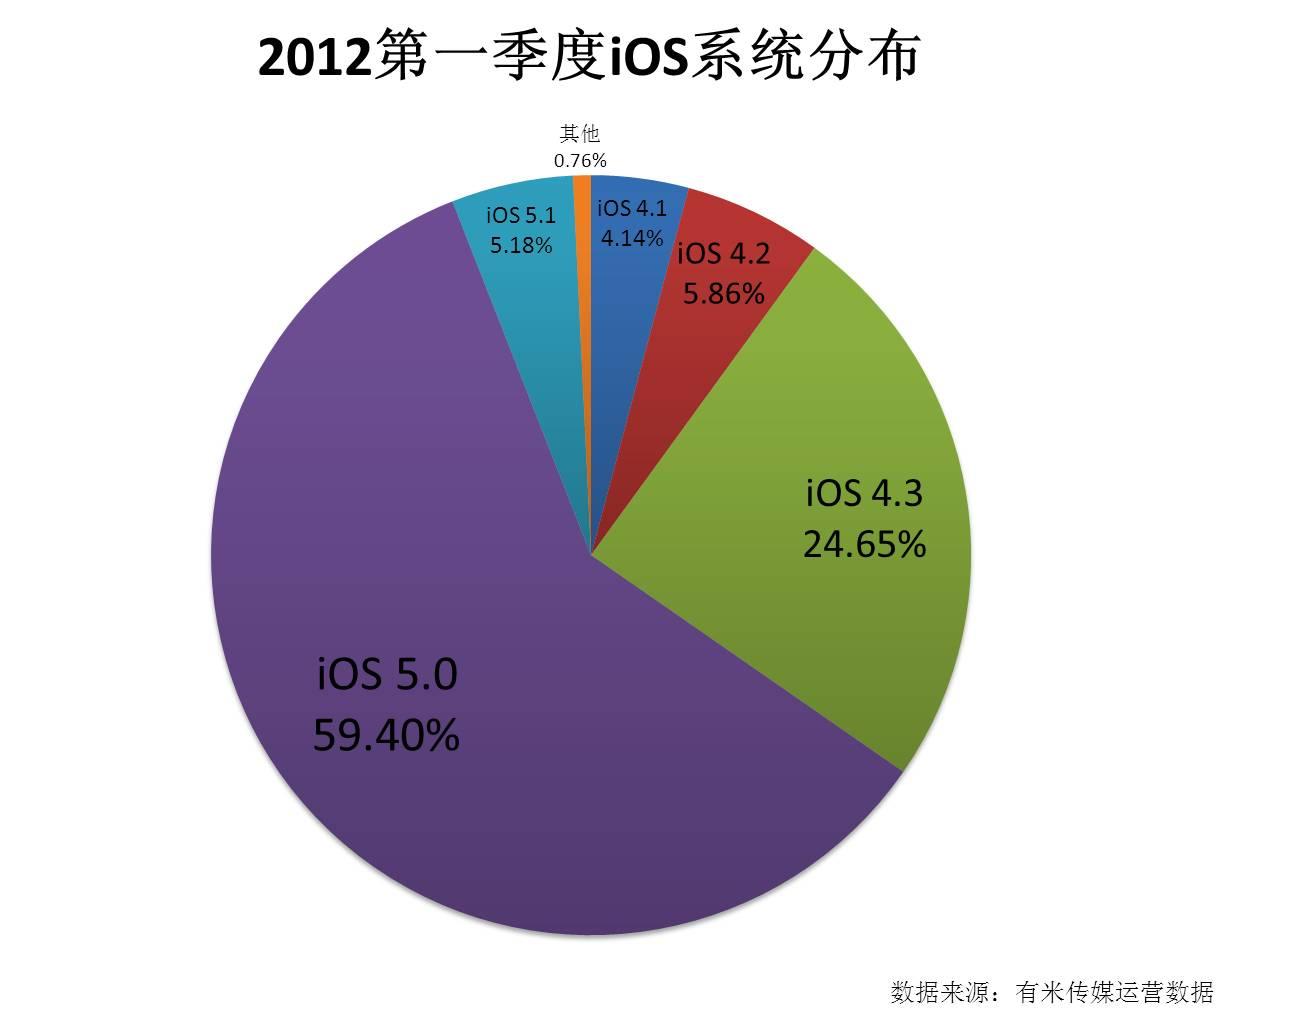 2012第一季度iOS系统版本分布